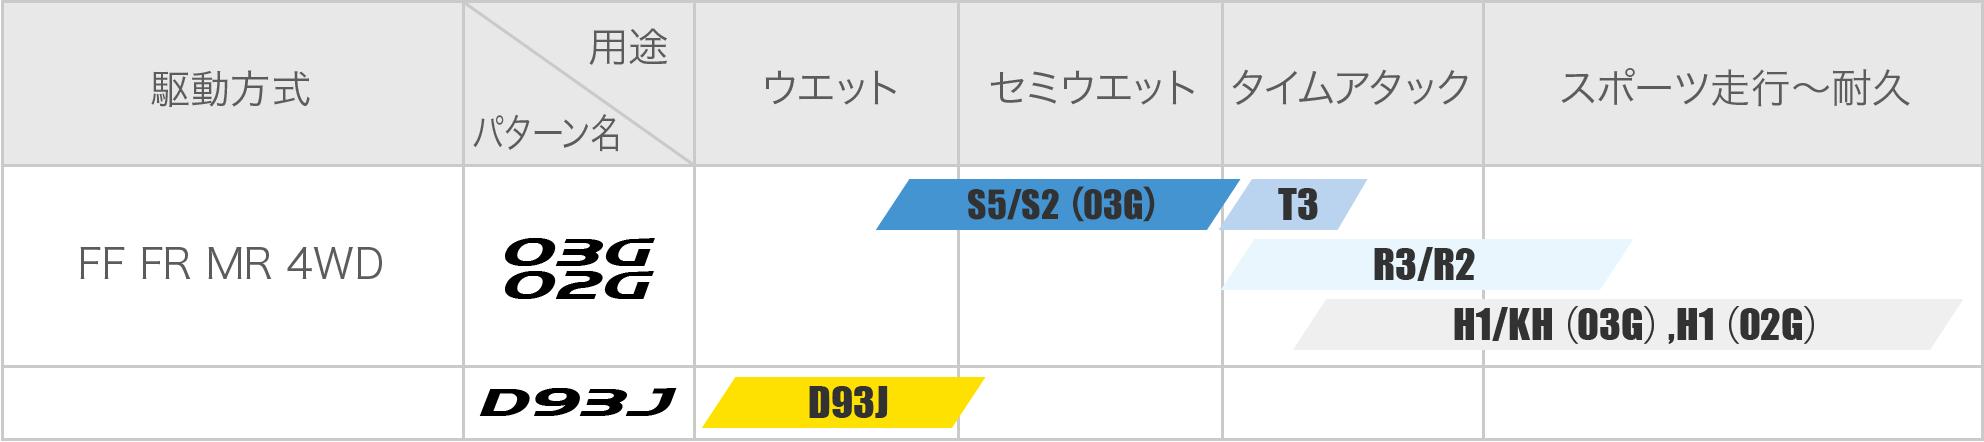 サーキットでの03G、02G用途別推奨スペック表